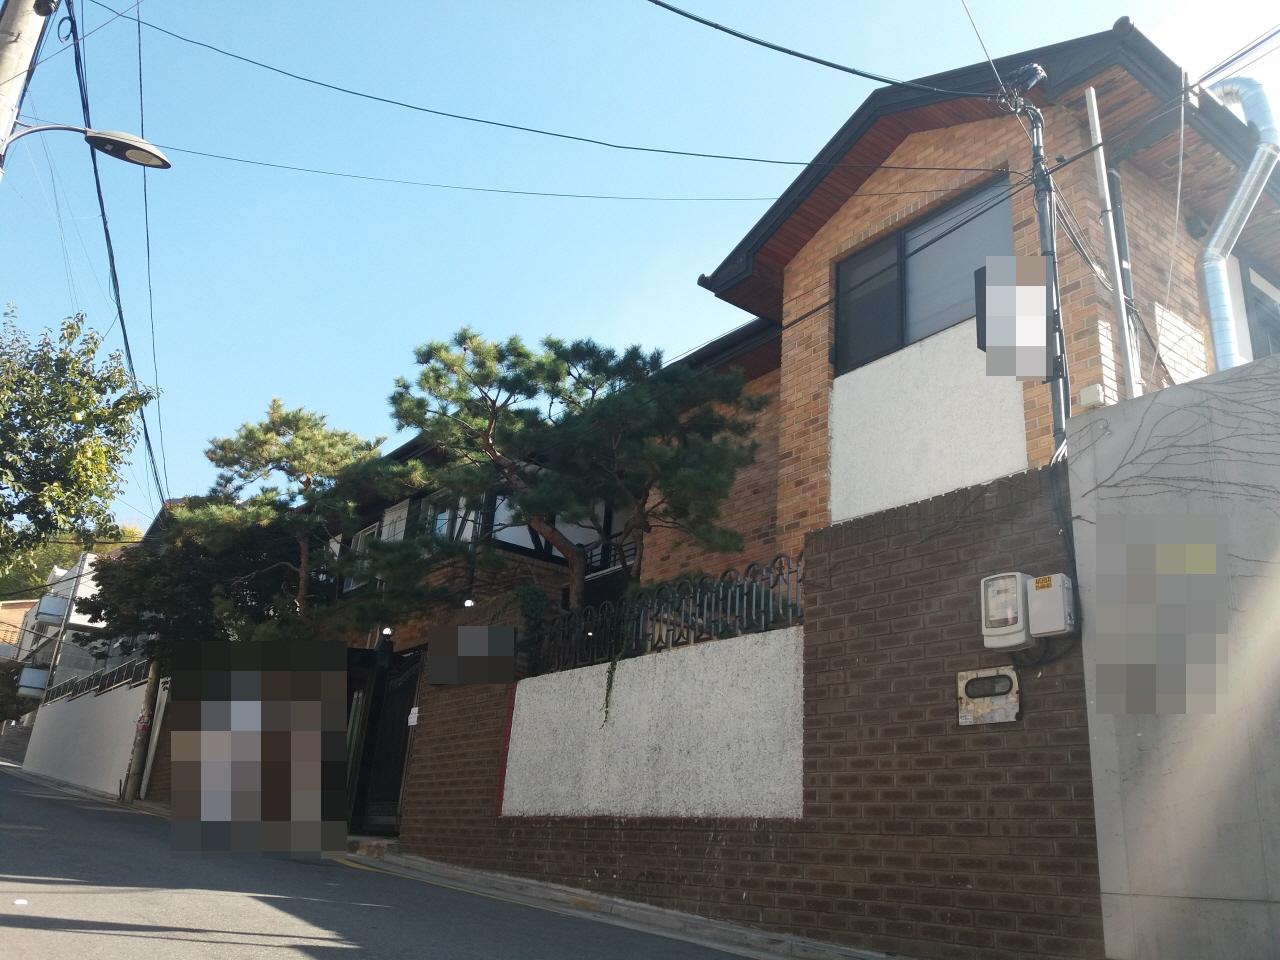 """지난 10월 31일 오후 기자는 강남역 사거리 인근의 한 셰어하우스를 방문했다. 최근 한 언론에서 """"170평 대지에 40명이 사는 셰어하우스가 있다""""고 보도한, 바로 그곳이다."""